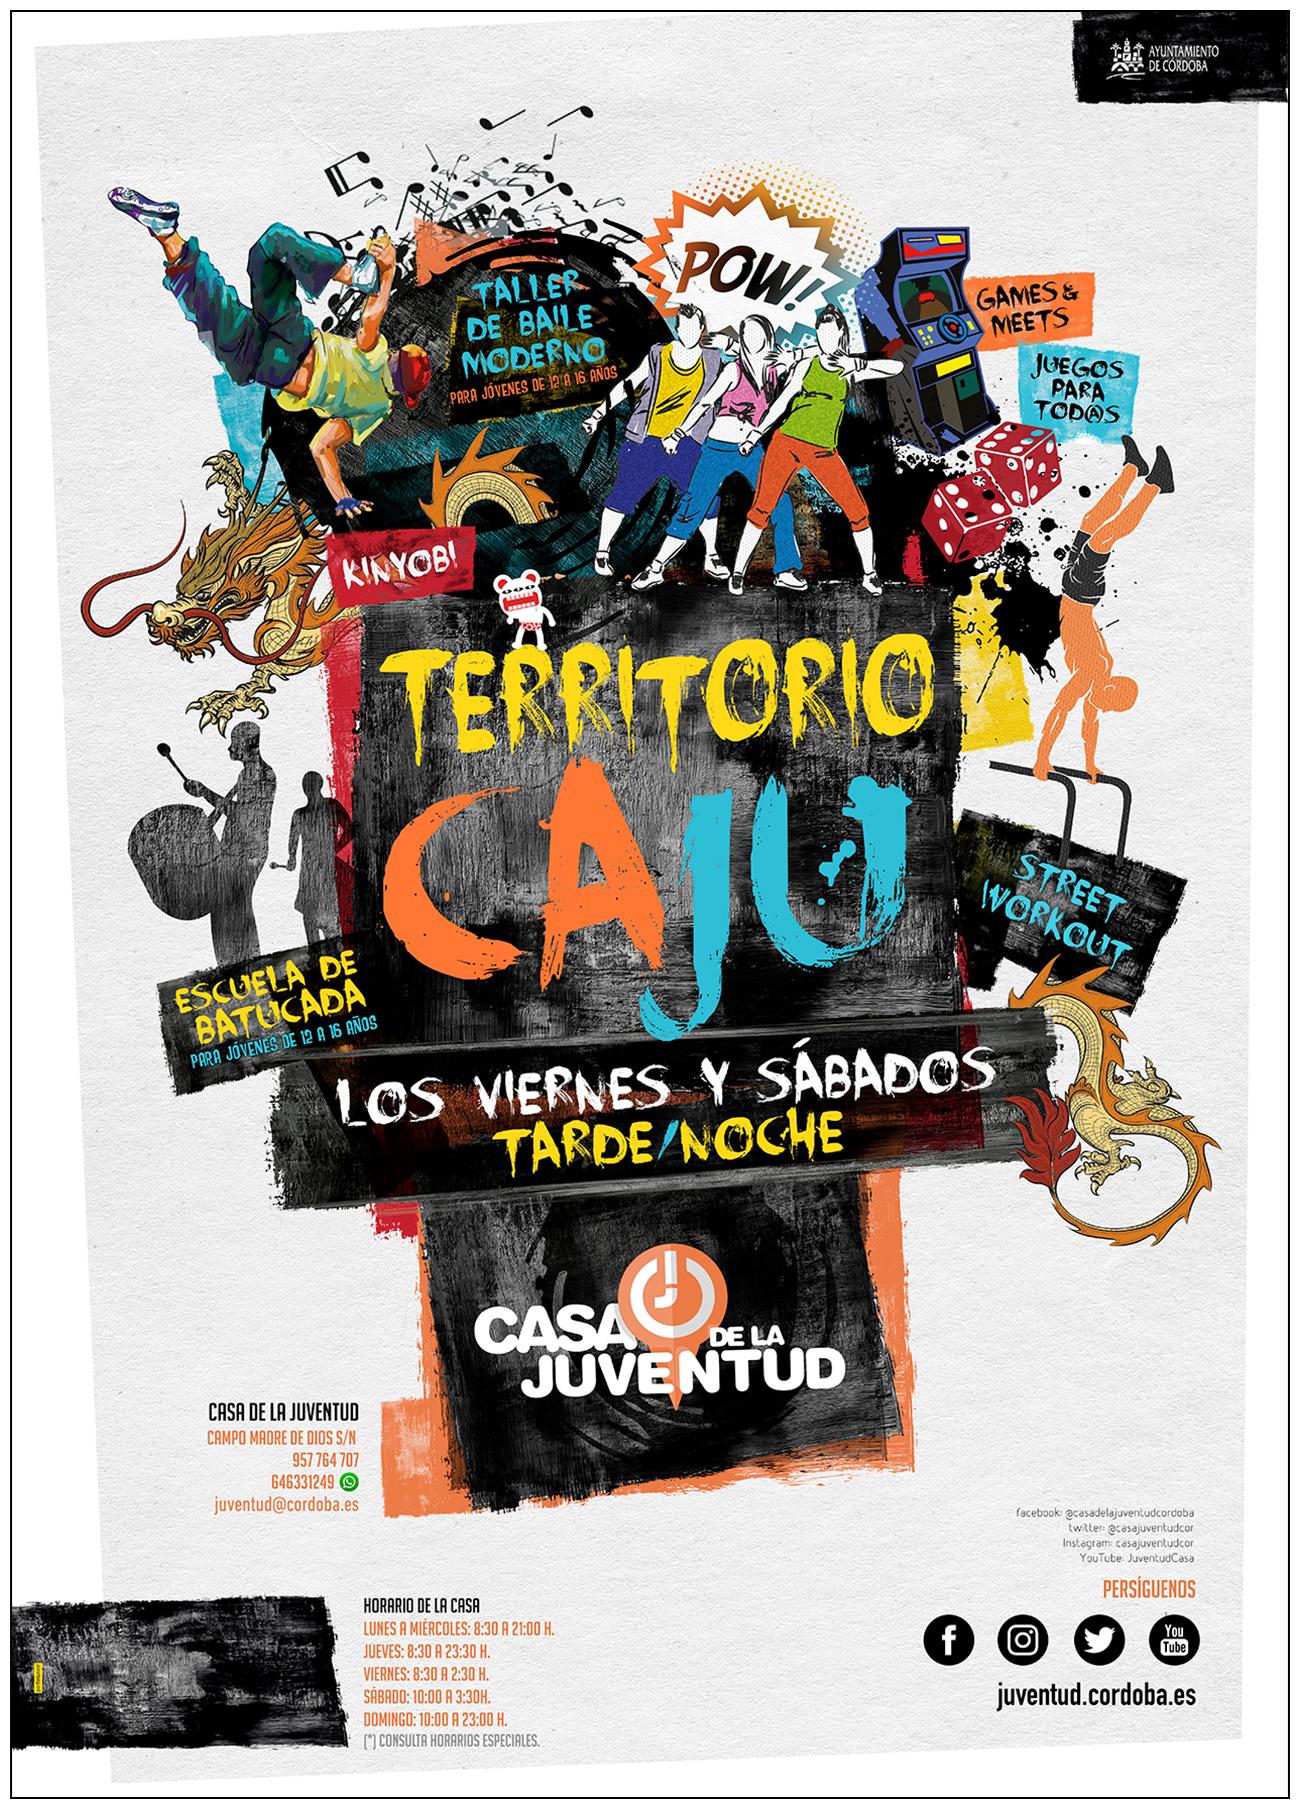 grafica-territorio-caju-01